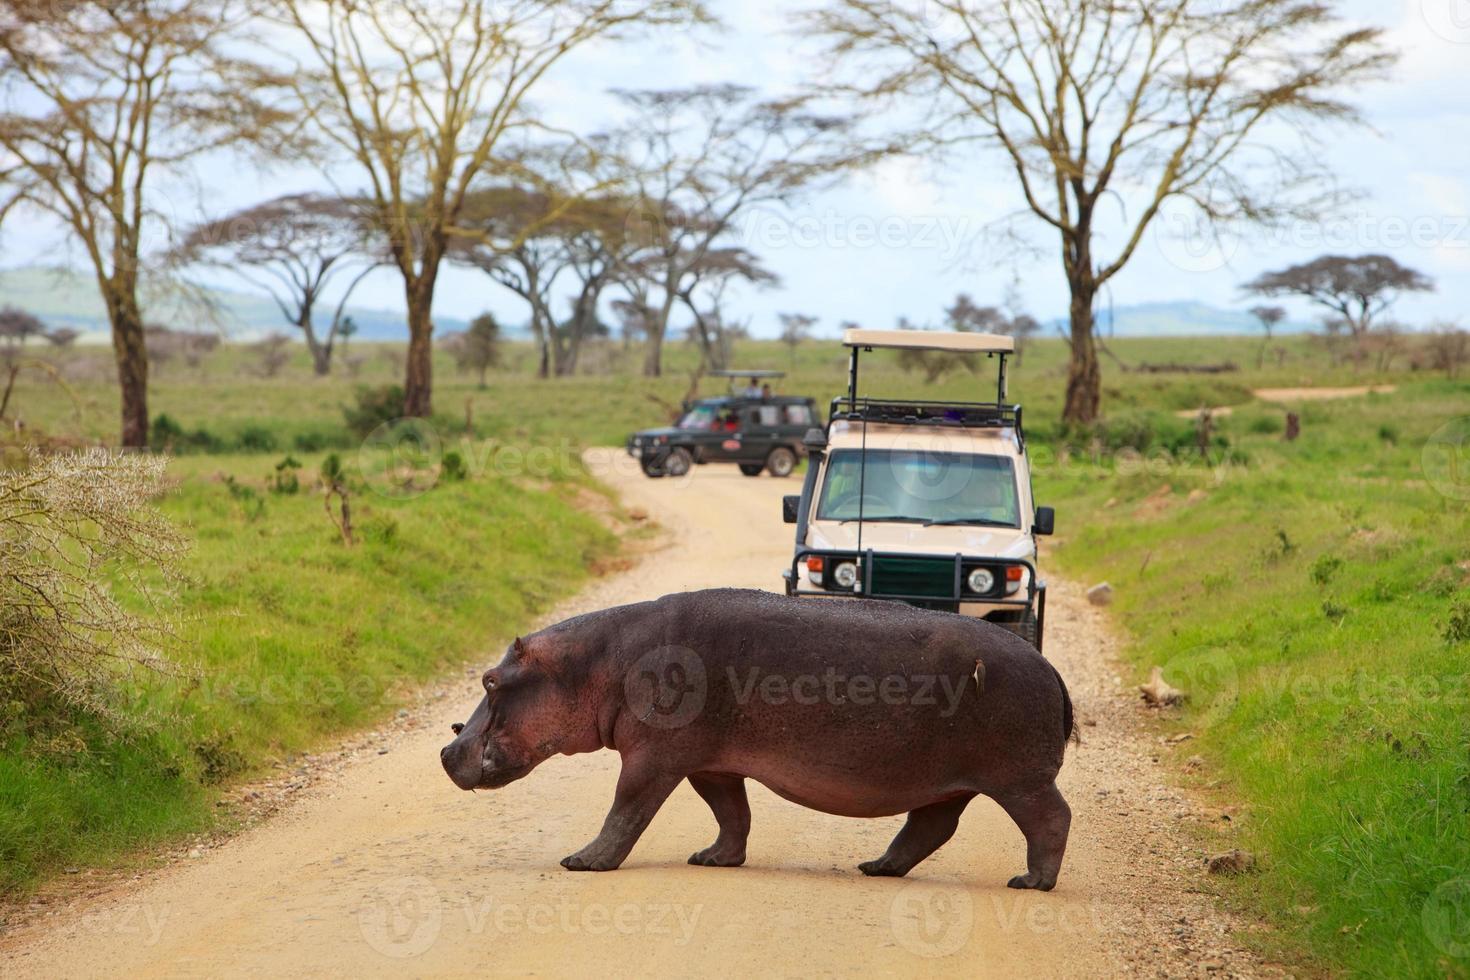 attraversamento dell'ippopotamo davanti alla jeep turistica foto